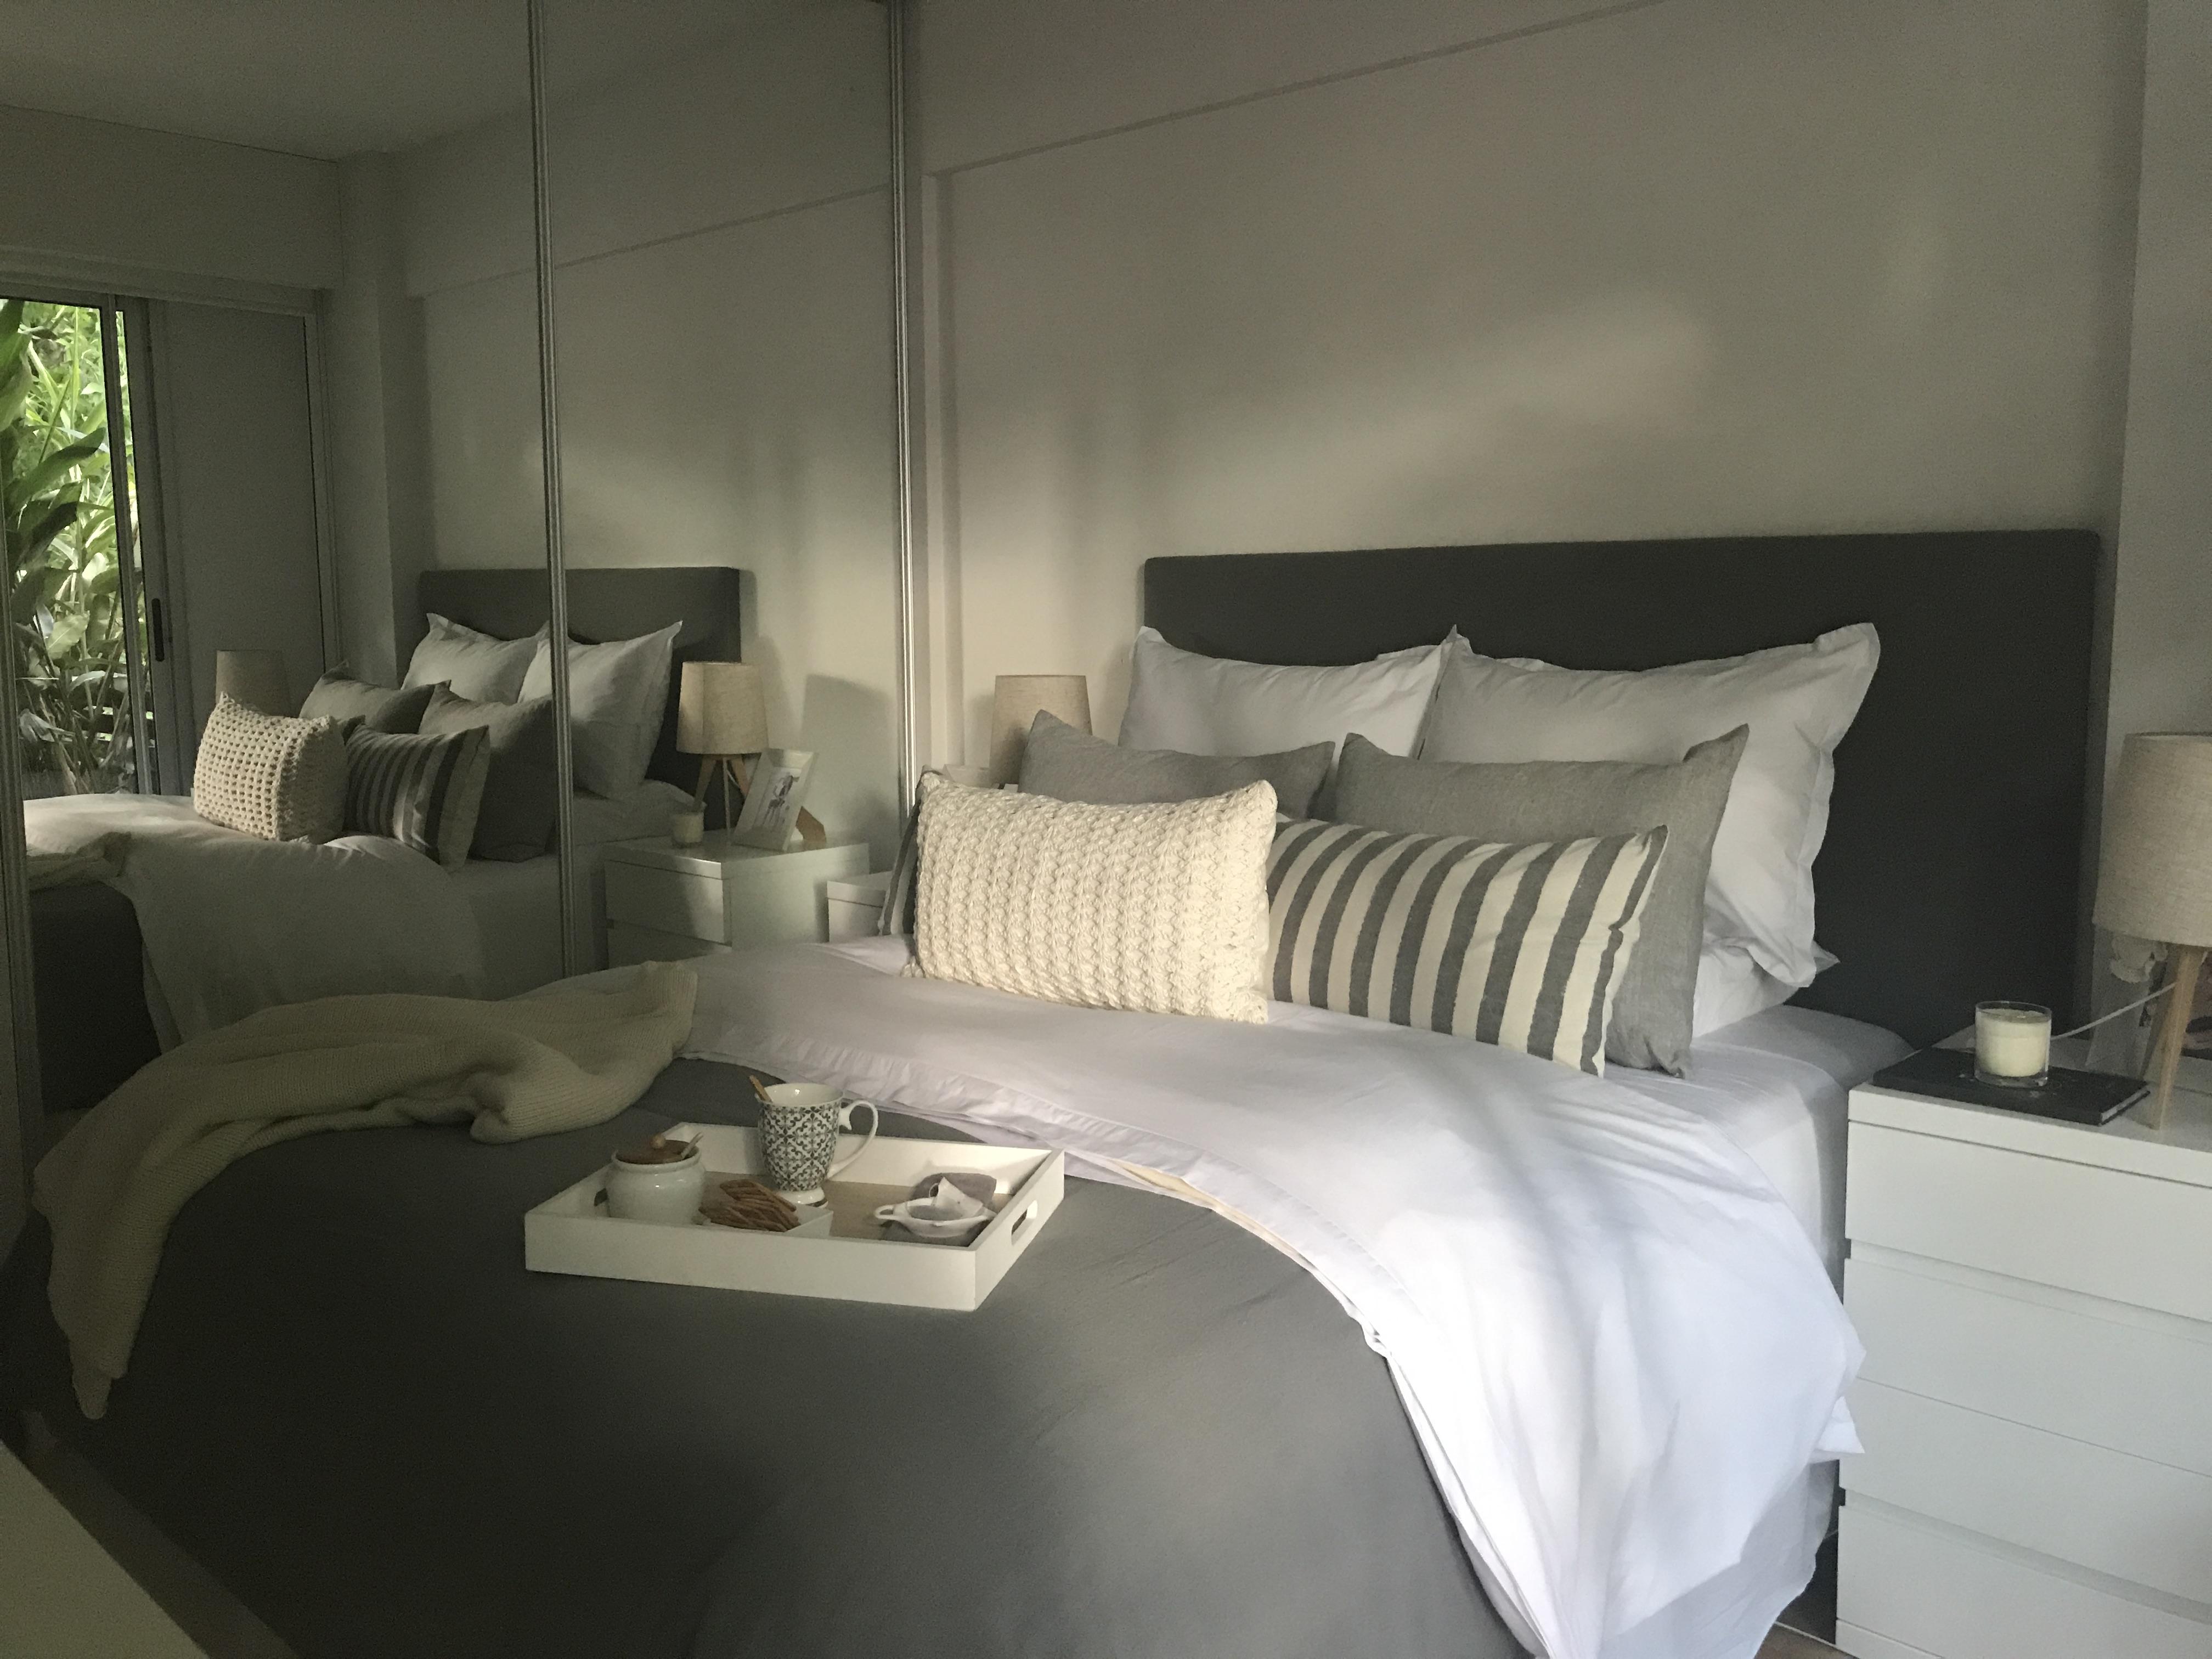 cama y almohadones de diseño